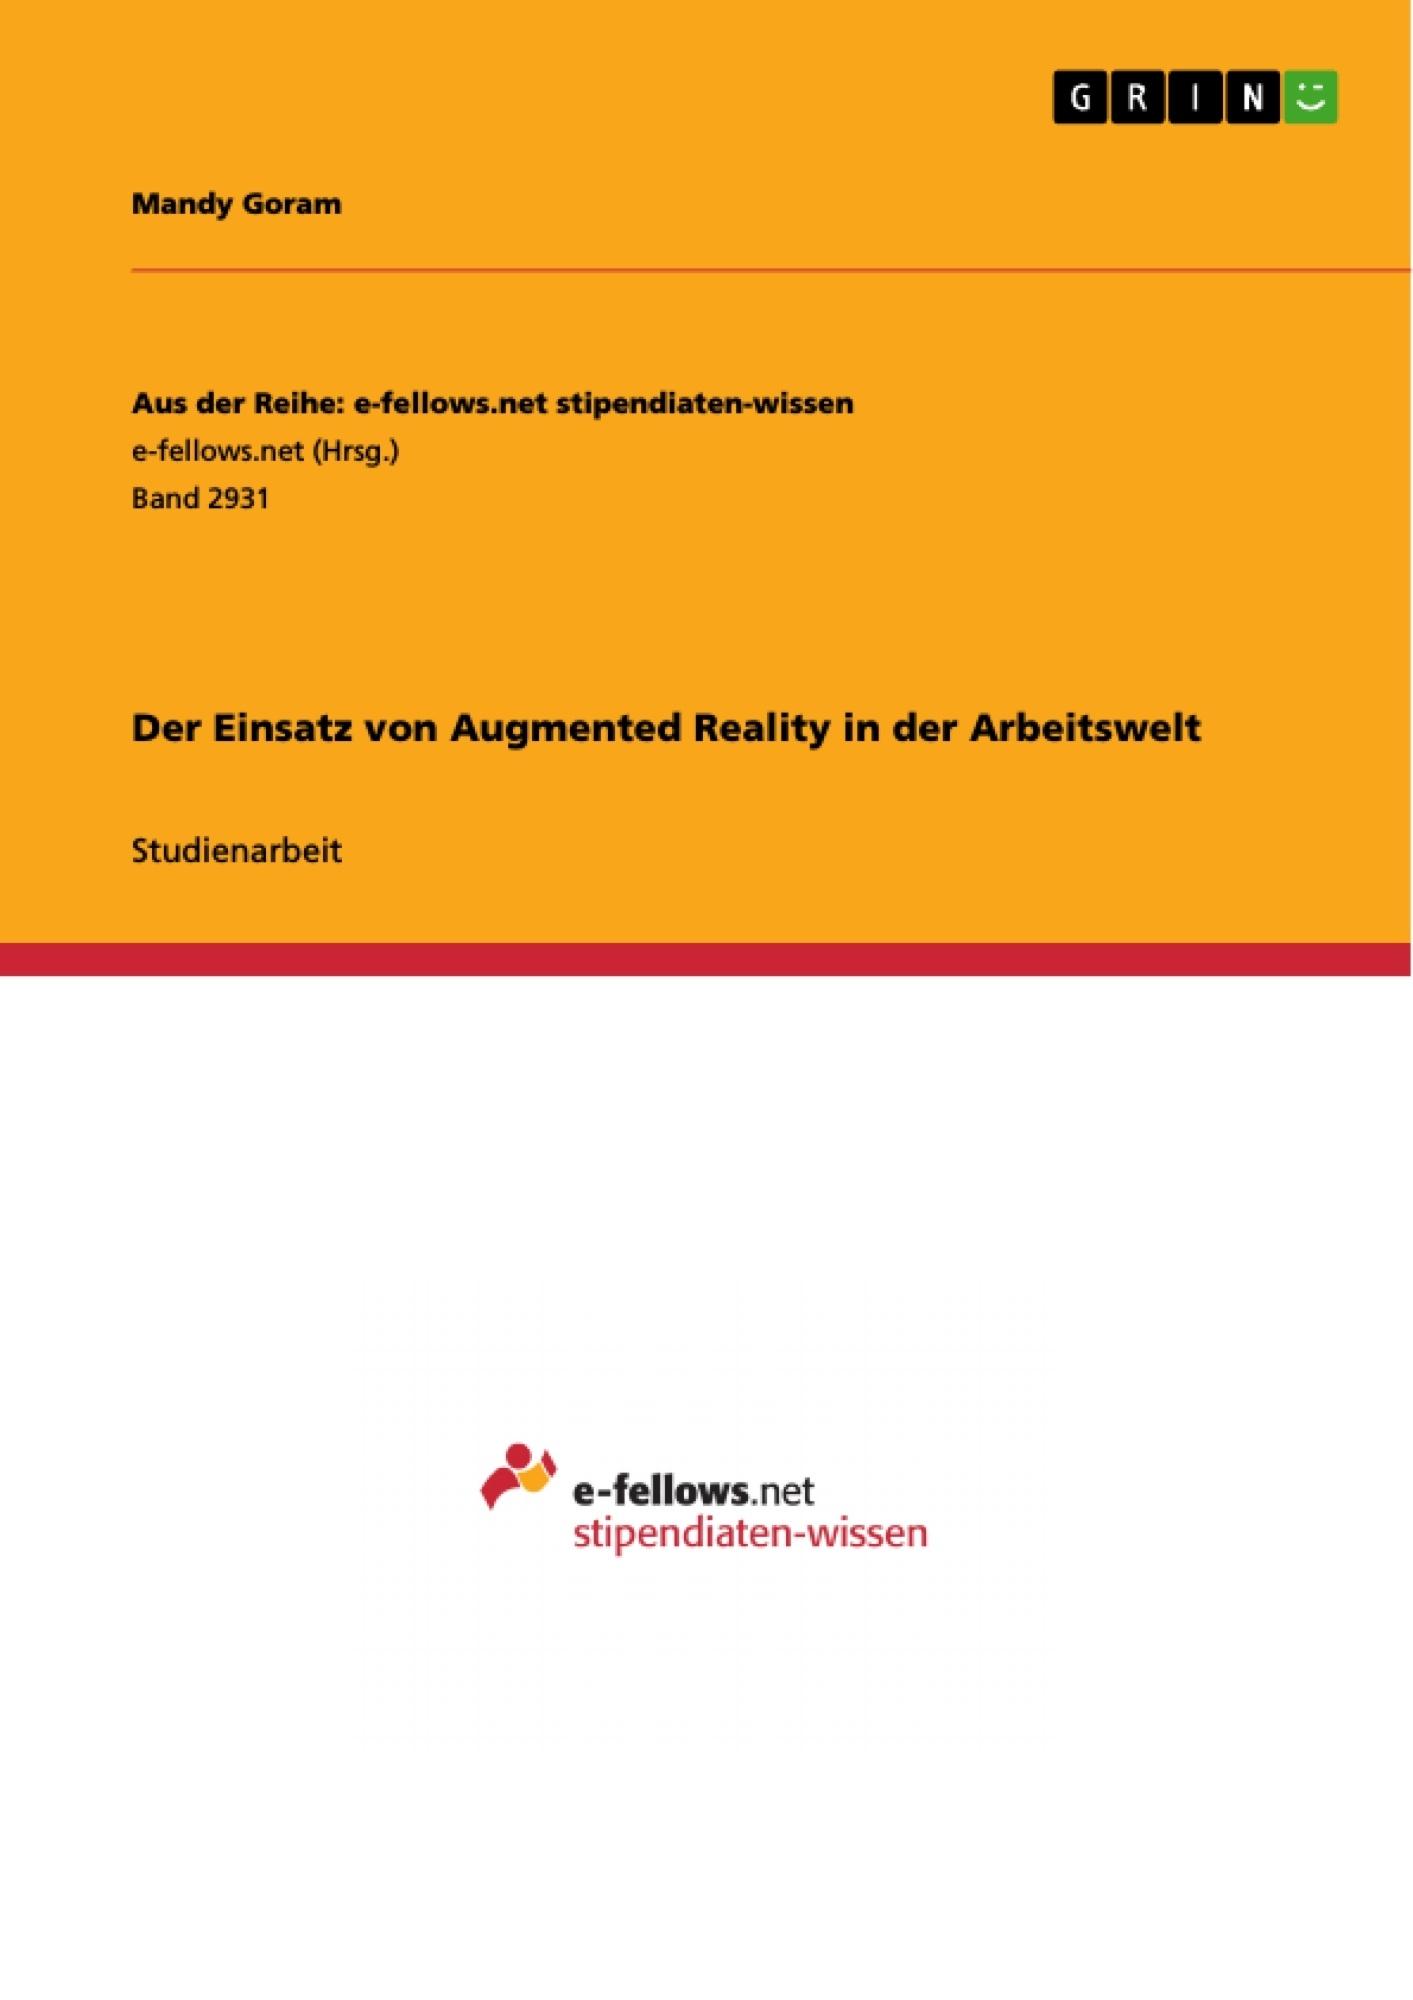 Titel: Der Einsatz von Augmented Reality in der Arbeitswelt